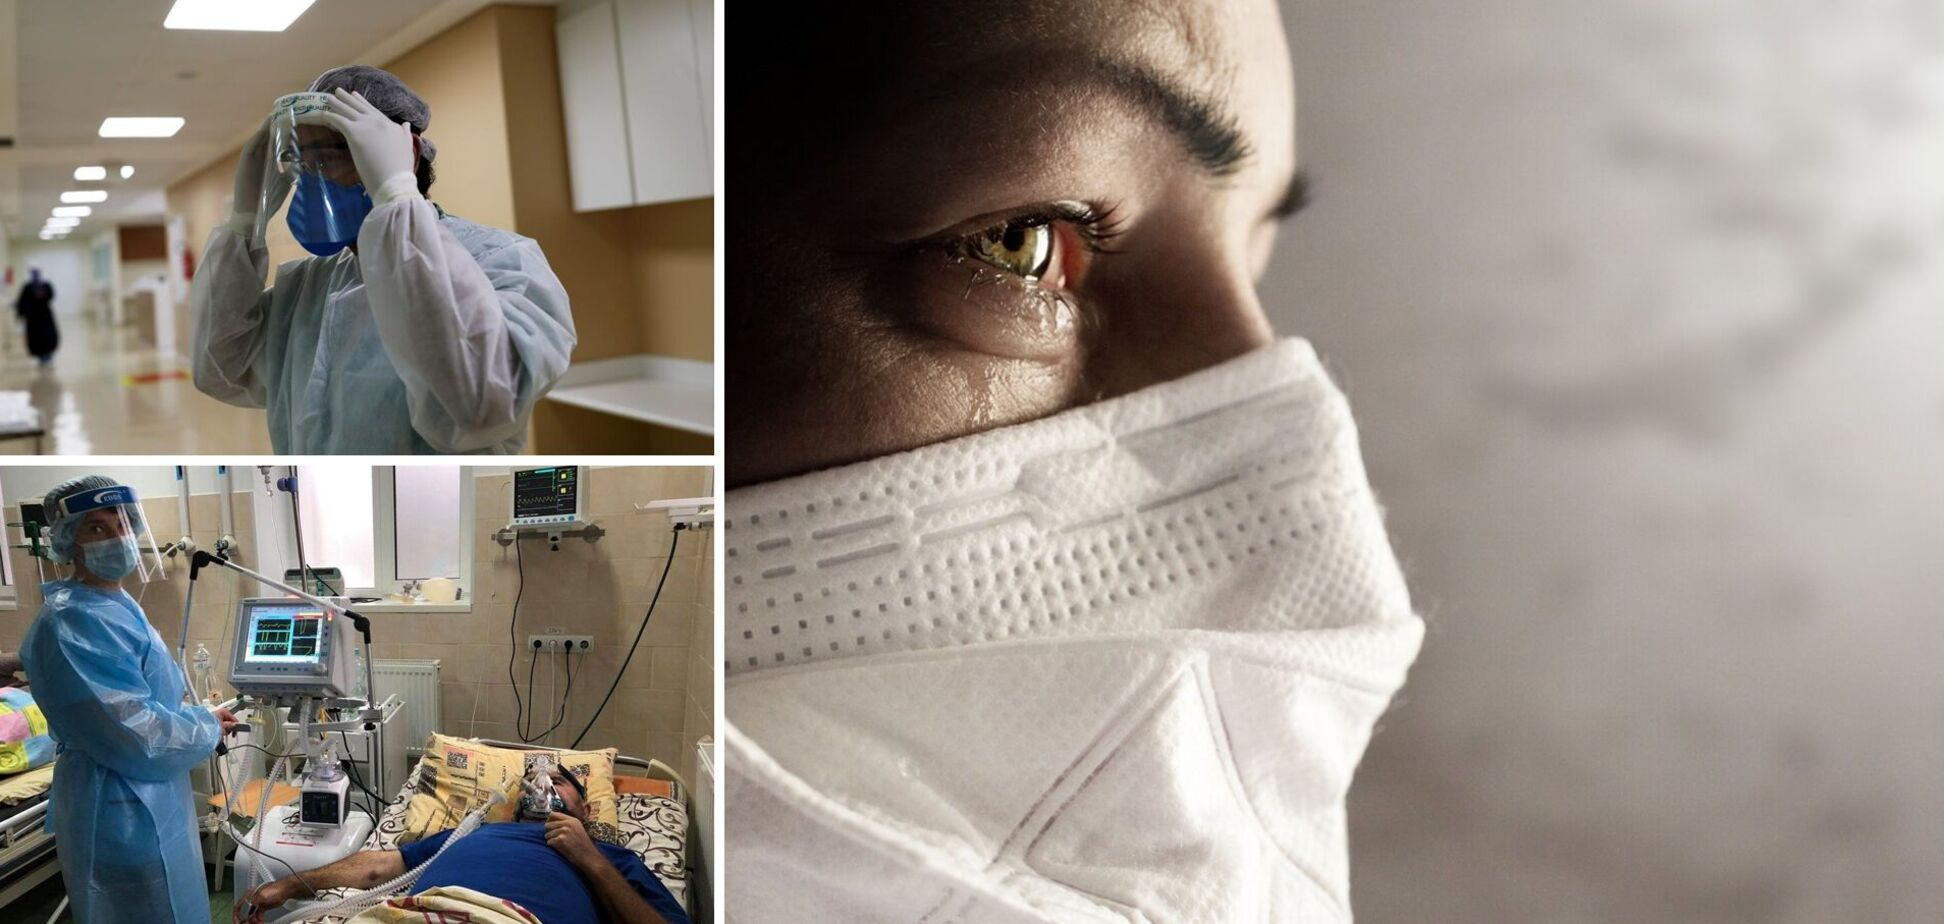 'Люди сгорают за несколько дней': на Закарпатье растет смертность от COVID-19, врачи заговорили о новом штамме